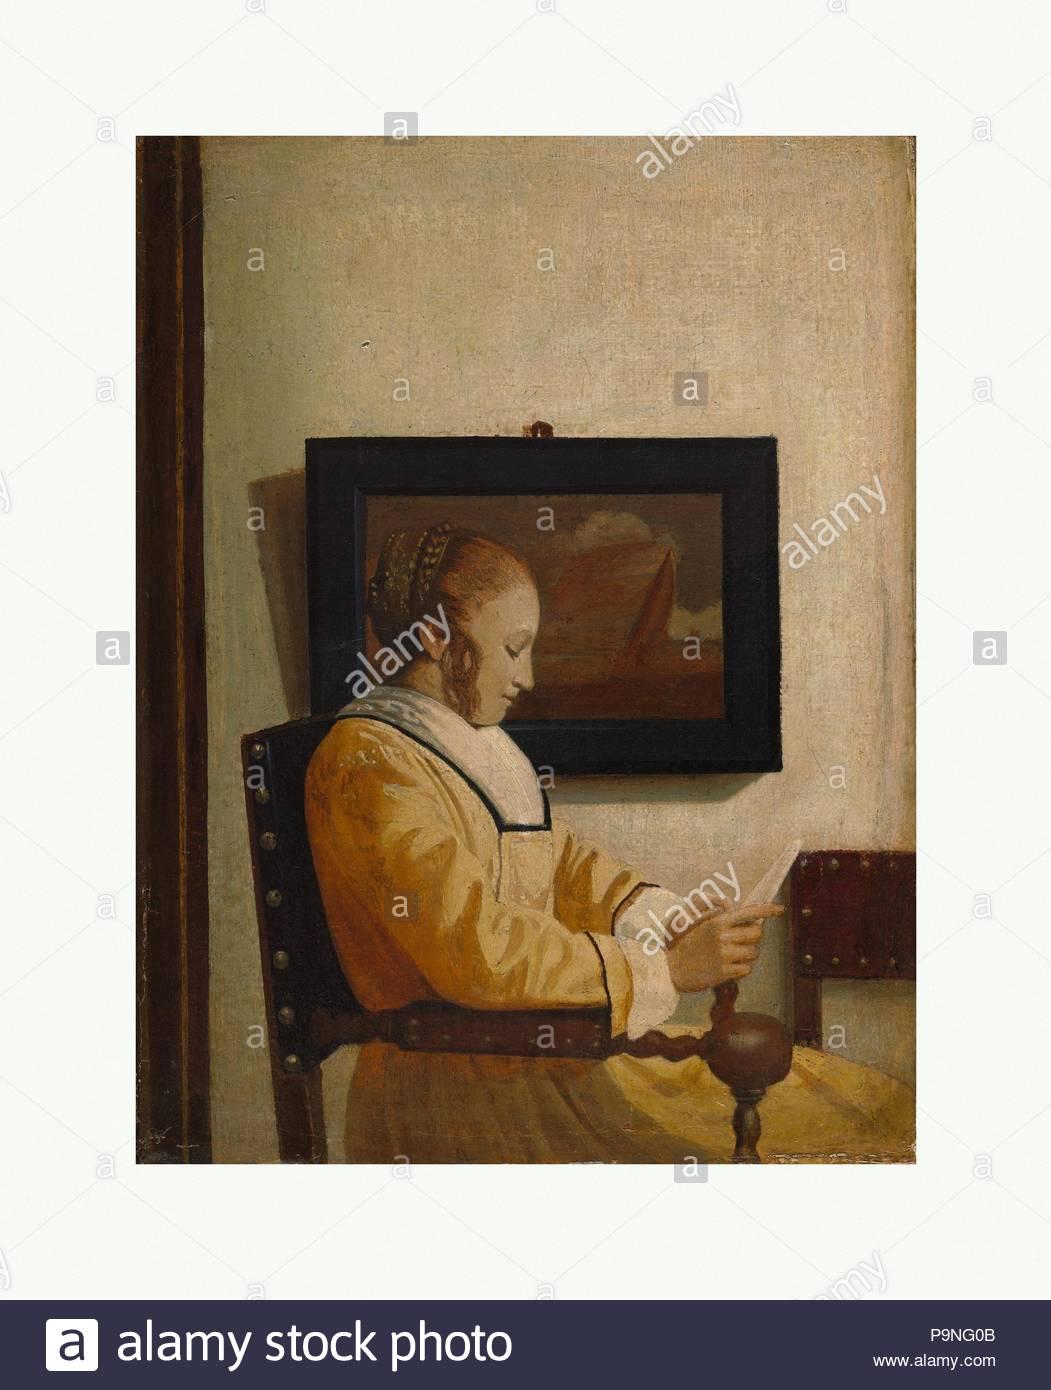 Eine junge Frau liest, Öl auf Leinwand, 7 3/4 x 5 3/4 in. (19,7 x 14,6 cm), Gemälde, Imitator von Johannes Vermeer (Ca. 1925 - 27). Stockbild